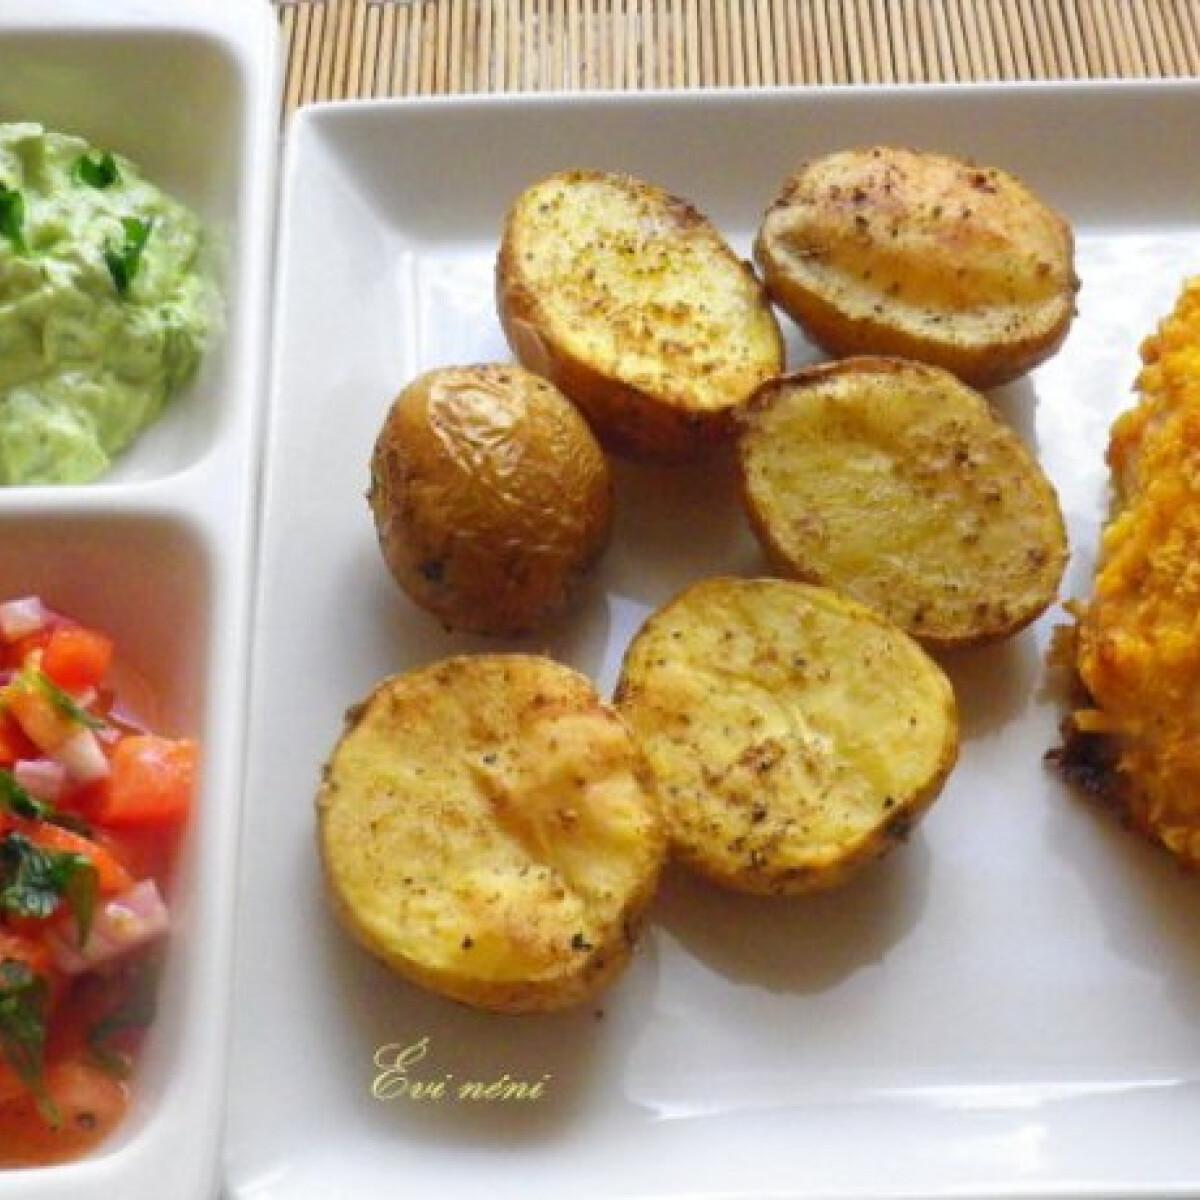 Ezen a képen: Csirkemell kukoricabundában salsával